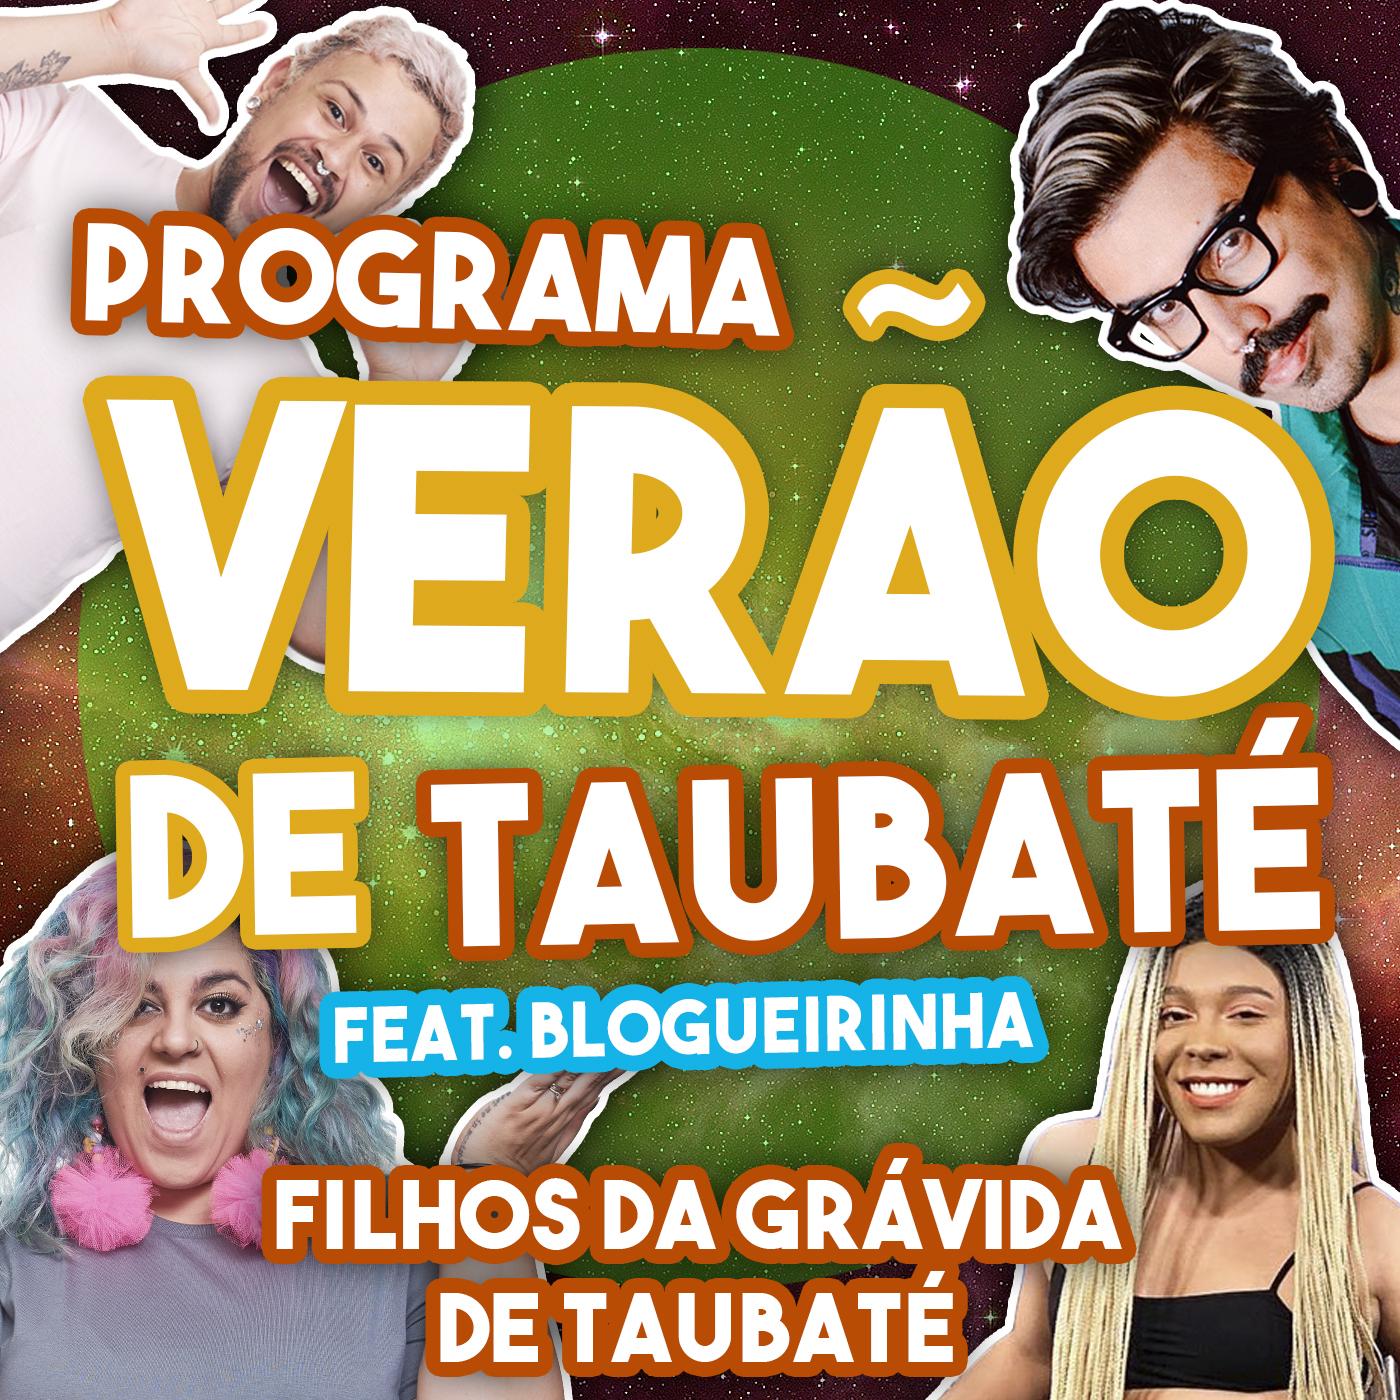 #112 - Verão de Taubaté (feat. Blogueirinha)